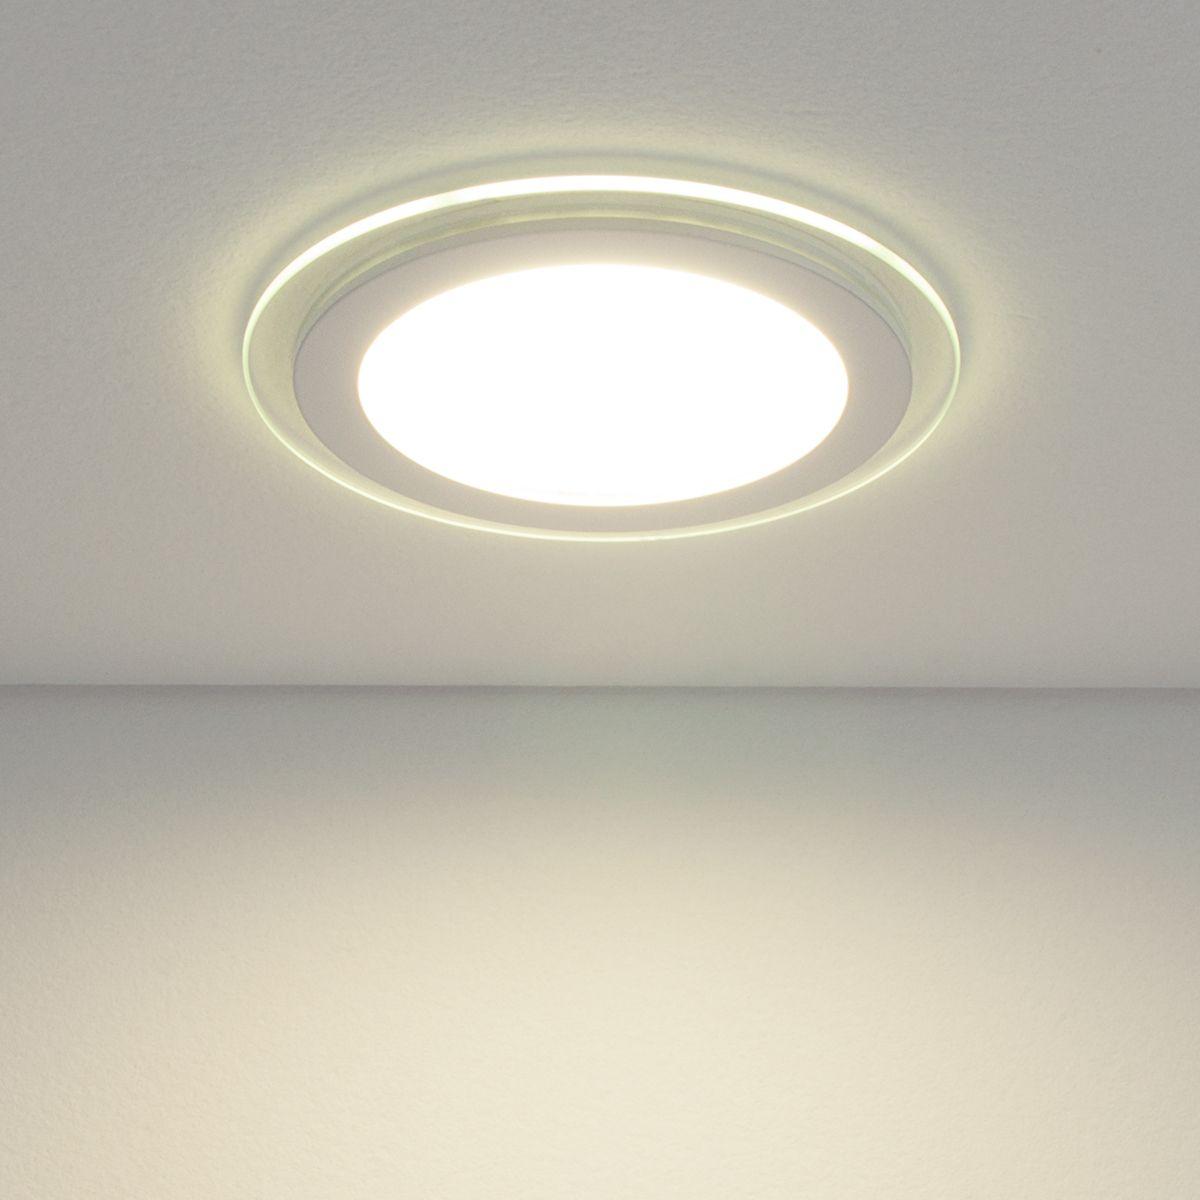 Встраиваемый светодиодный светильник DLKR160 12W 4200K белый